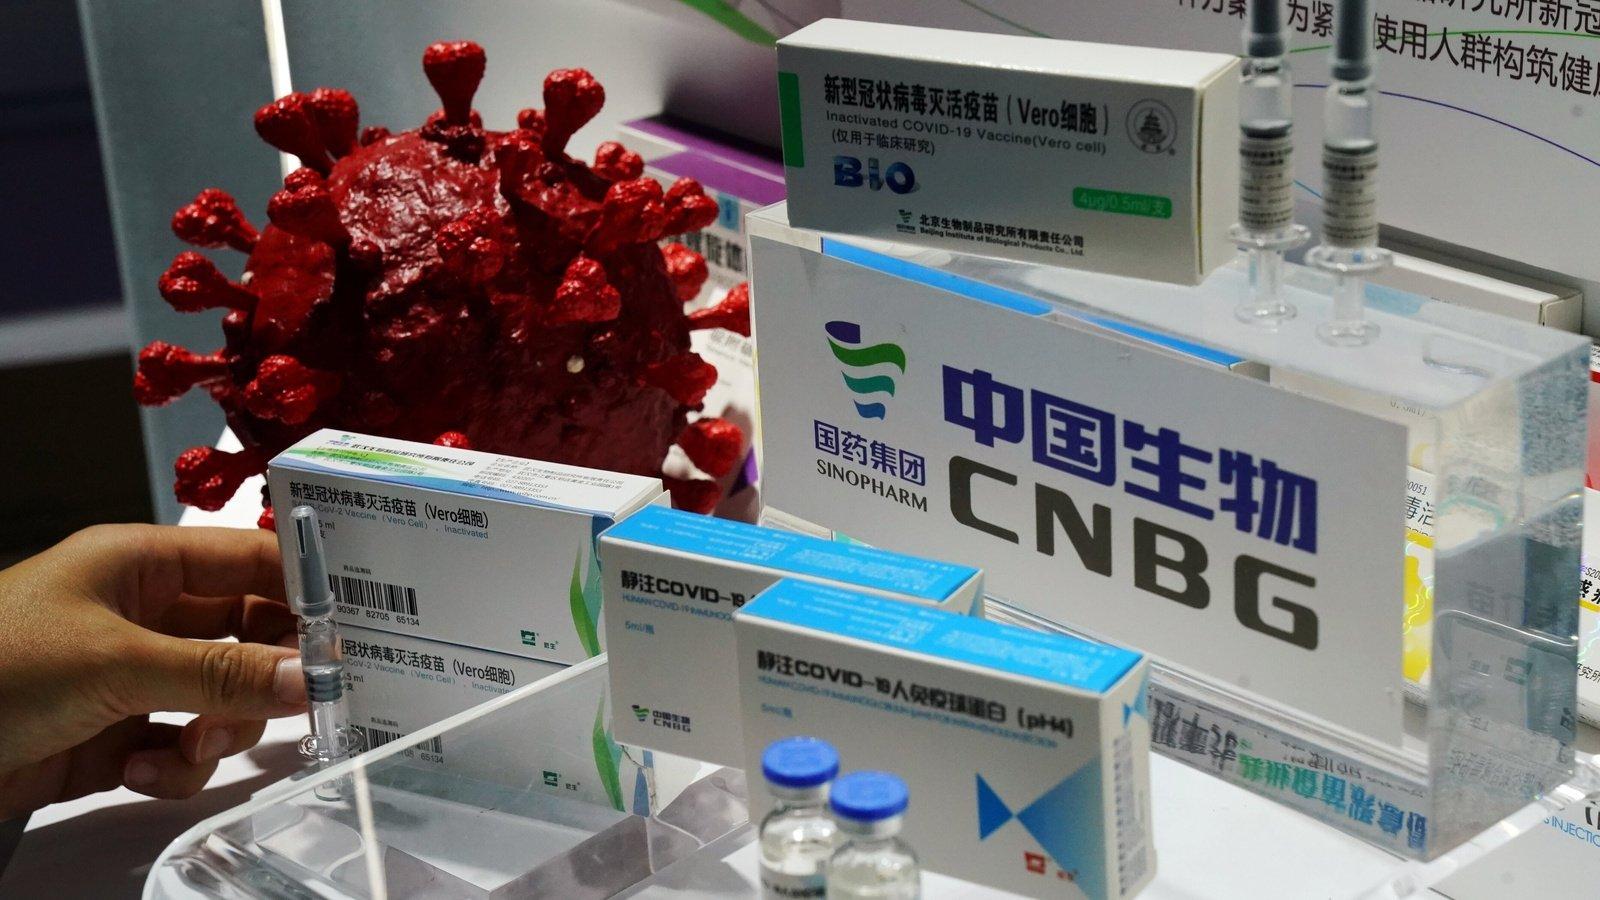 Le vaccin chinois Sinopharm a reçu l'approbation de l'Organisation mondiale de la santé le 7 mai 2021. (Source : CFR)